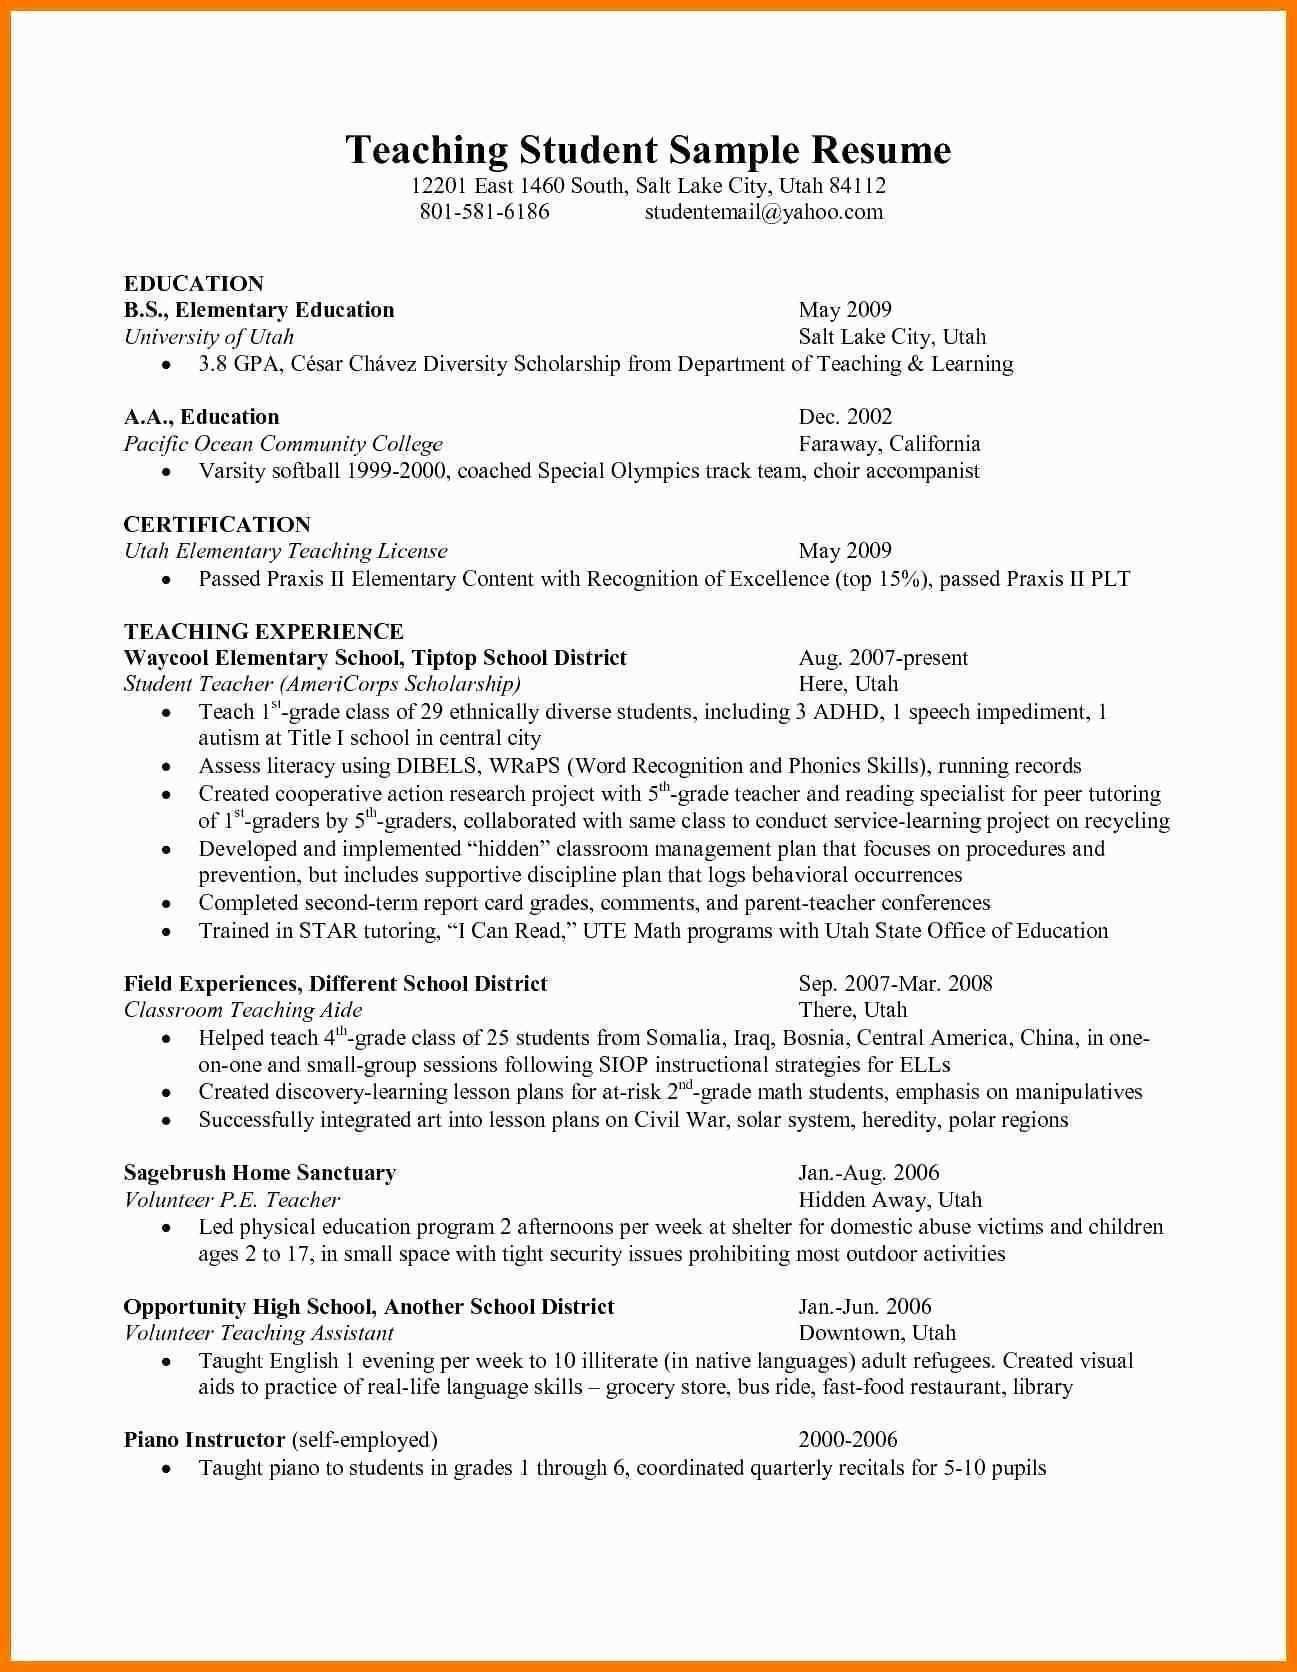 Sample Resume For Preschool Teacher Assistant Awesome 12 Sample Resumes Teacher Assistants